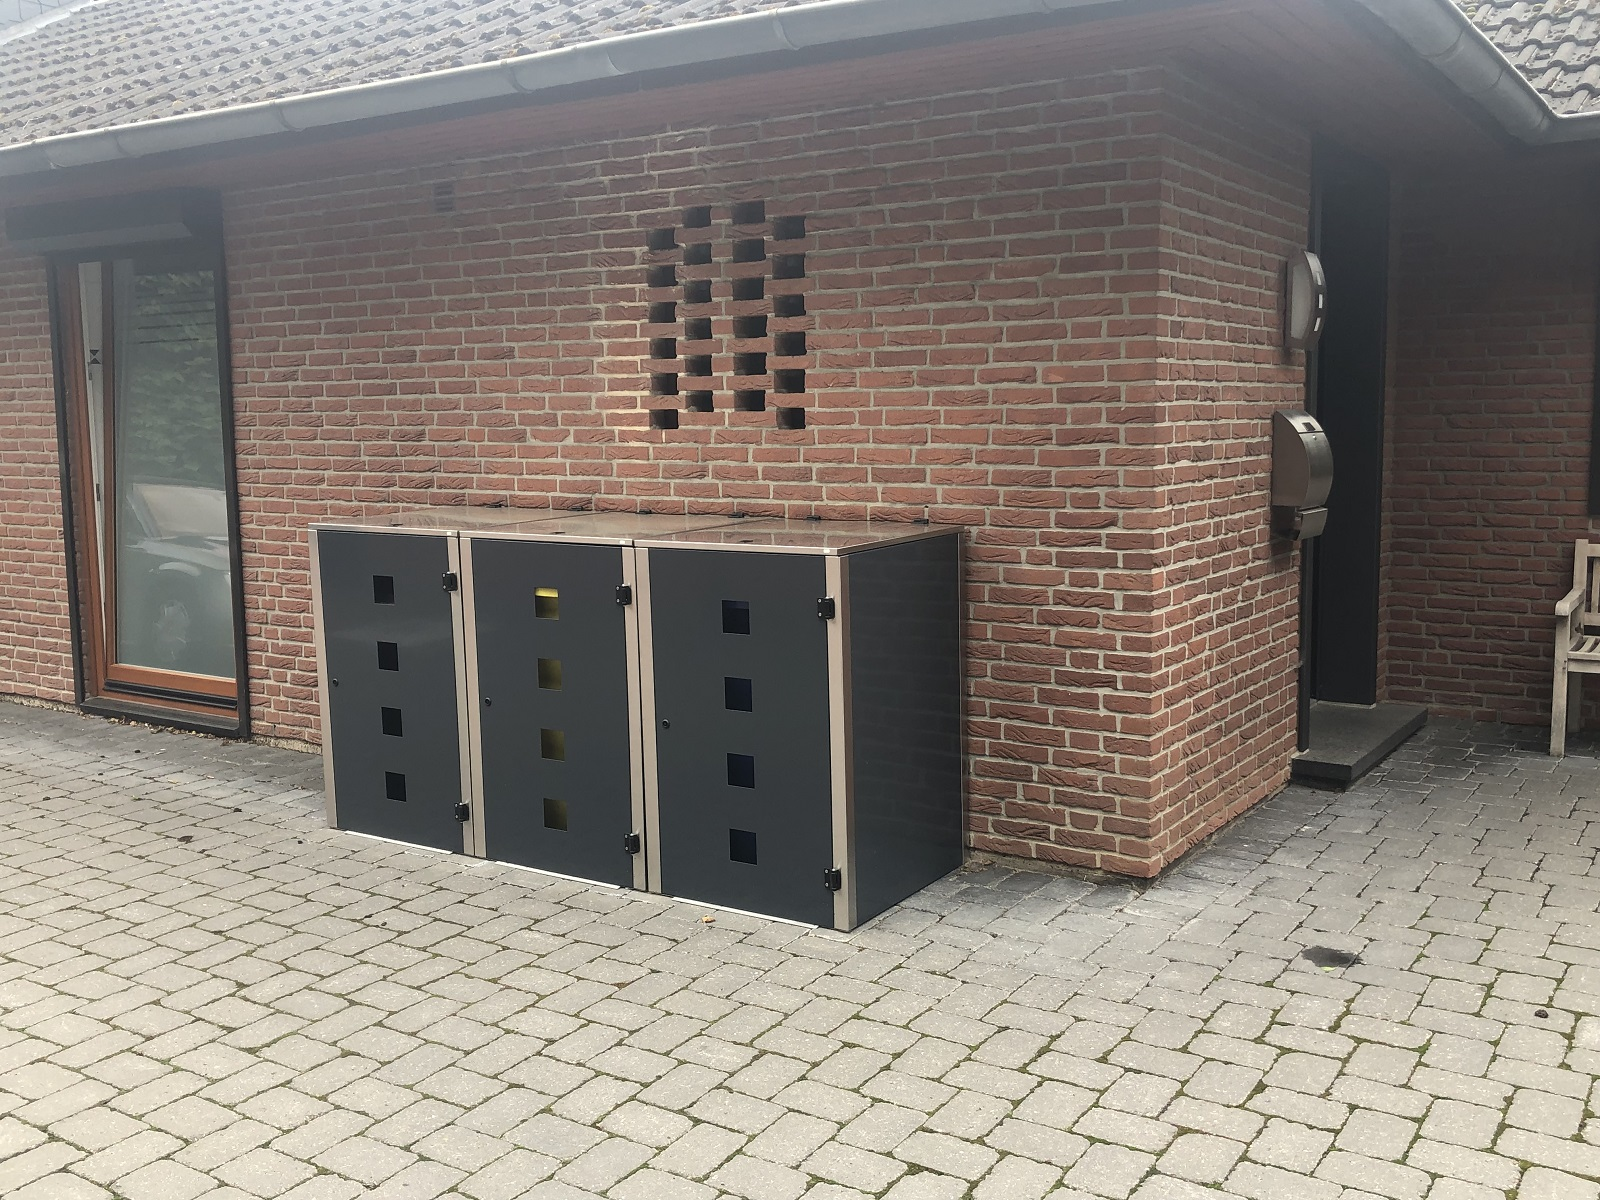 Abfalltonnenschrank und Müllbehälterbox Eleganza Quad in Anthrazitgrau RAL 7016